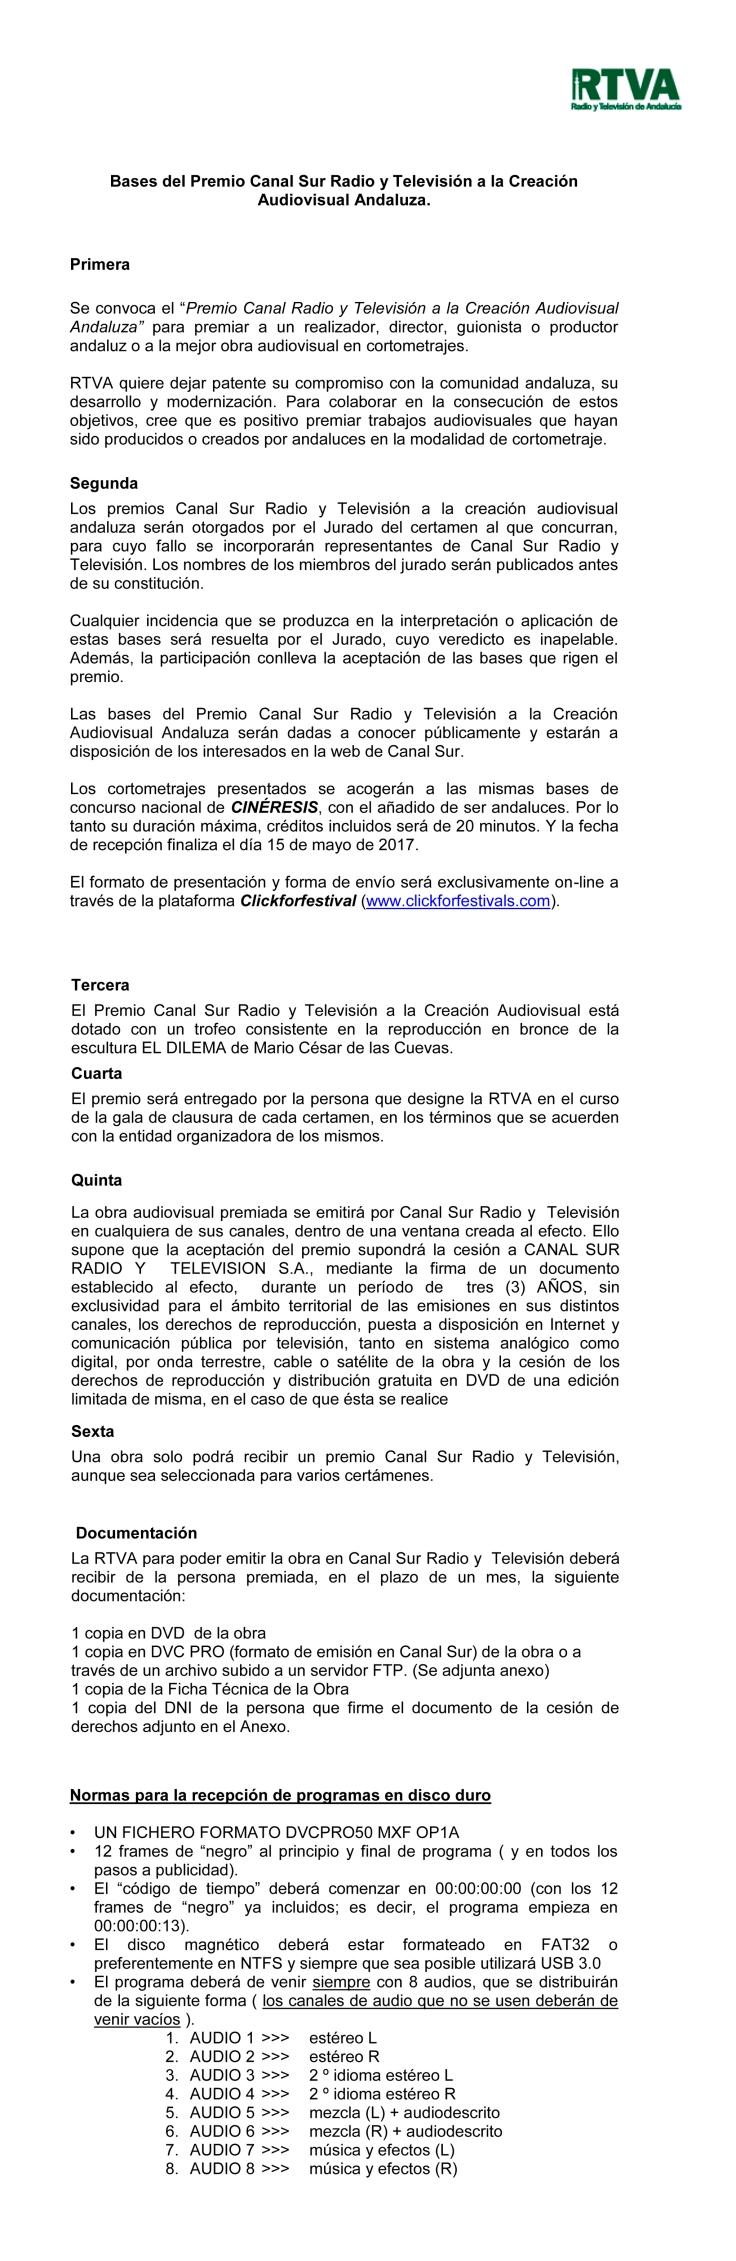 ACUERDO ENTRE RTVA  Y MUESTRA DE CINE AFRICANO DE TARIFA  PARA L